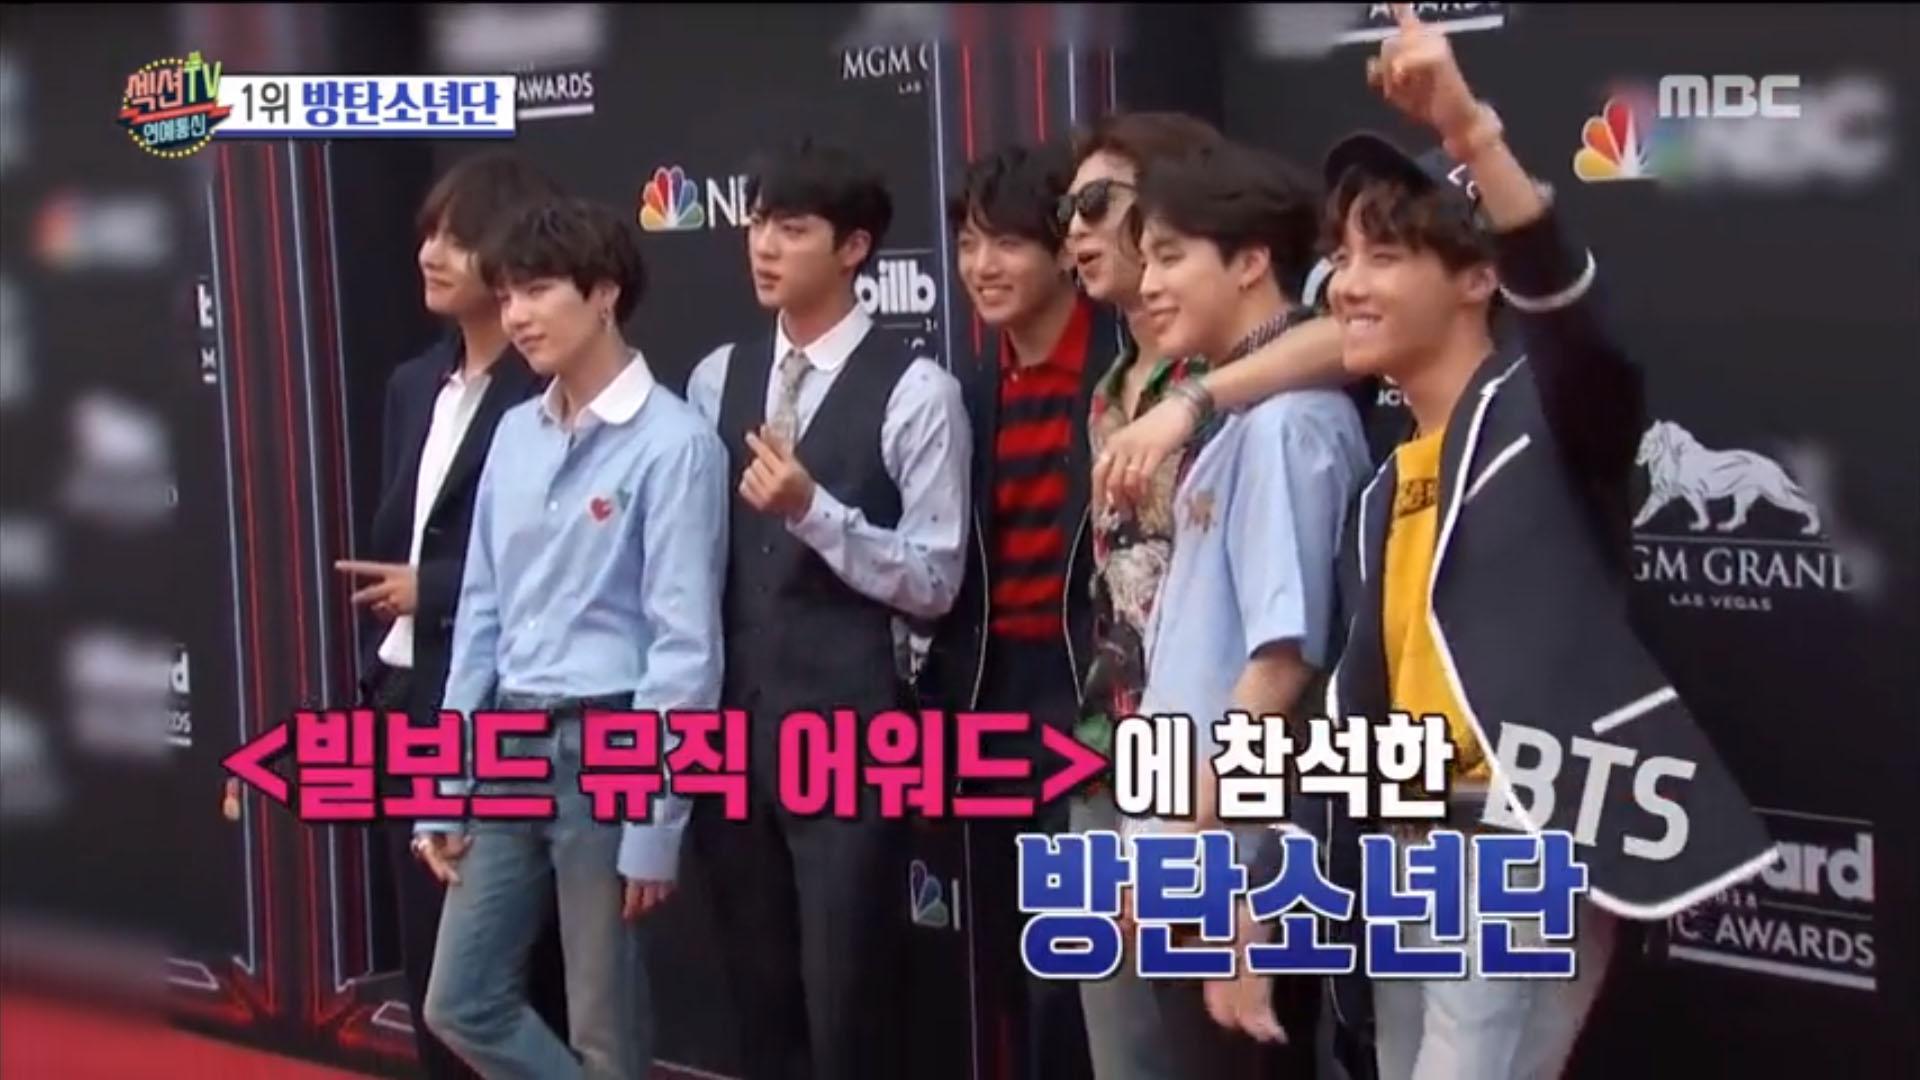 '섹션TV 연예통신' K-POP의 역사를 쓰고 있는 BTS, 빌보드 뮤직 어워드에서 2년 연속 수상